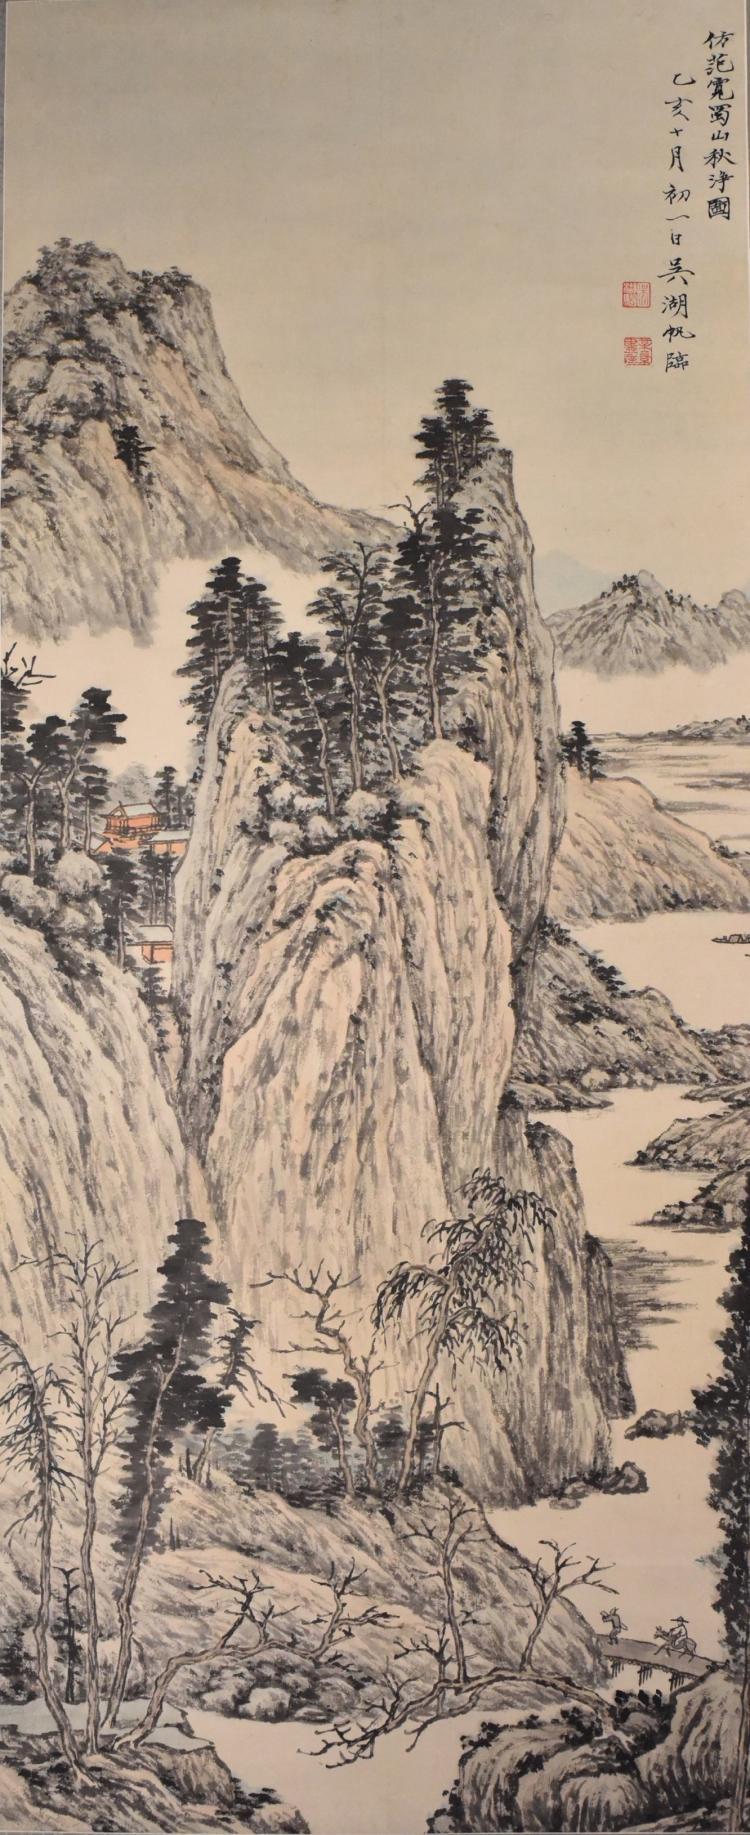 Wu Hufan (1894-1968) Landscape